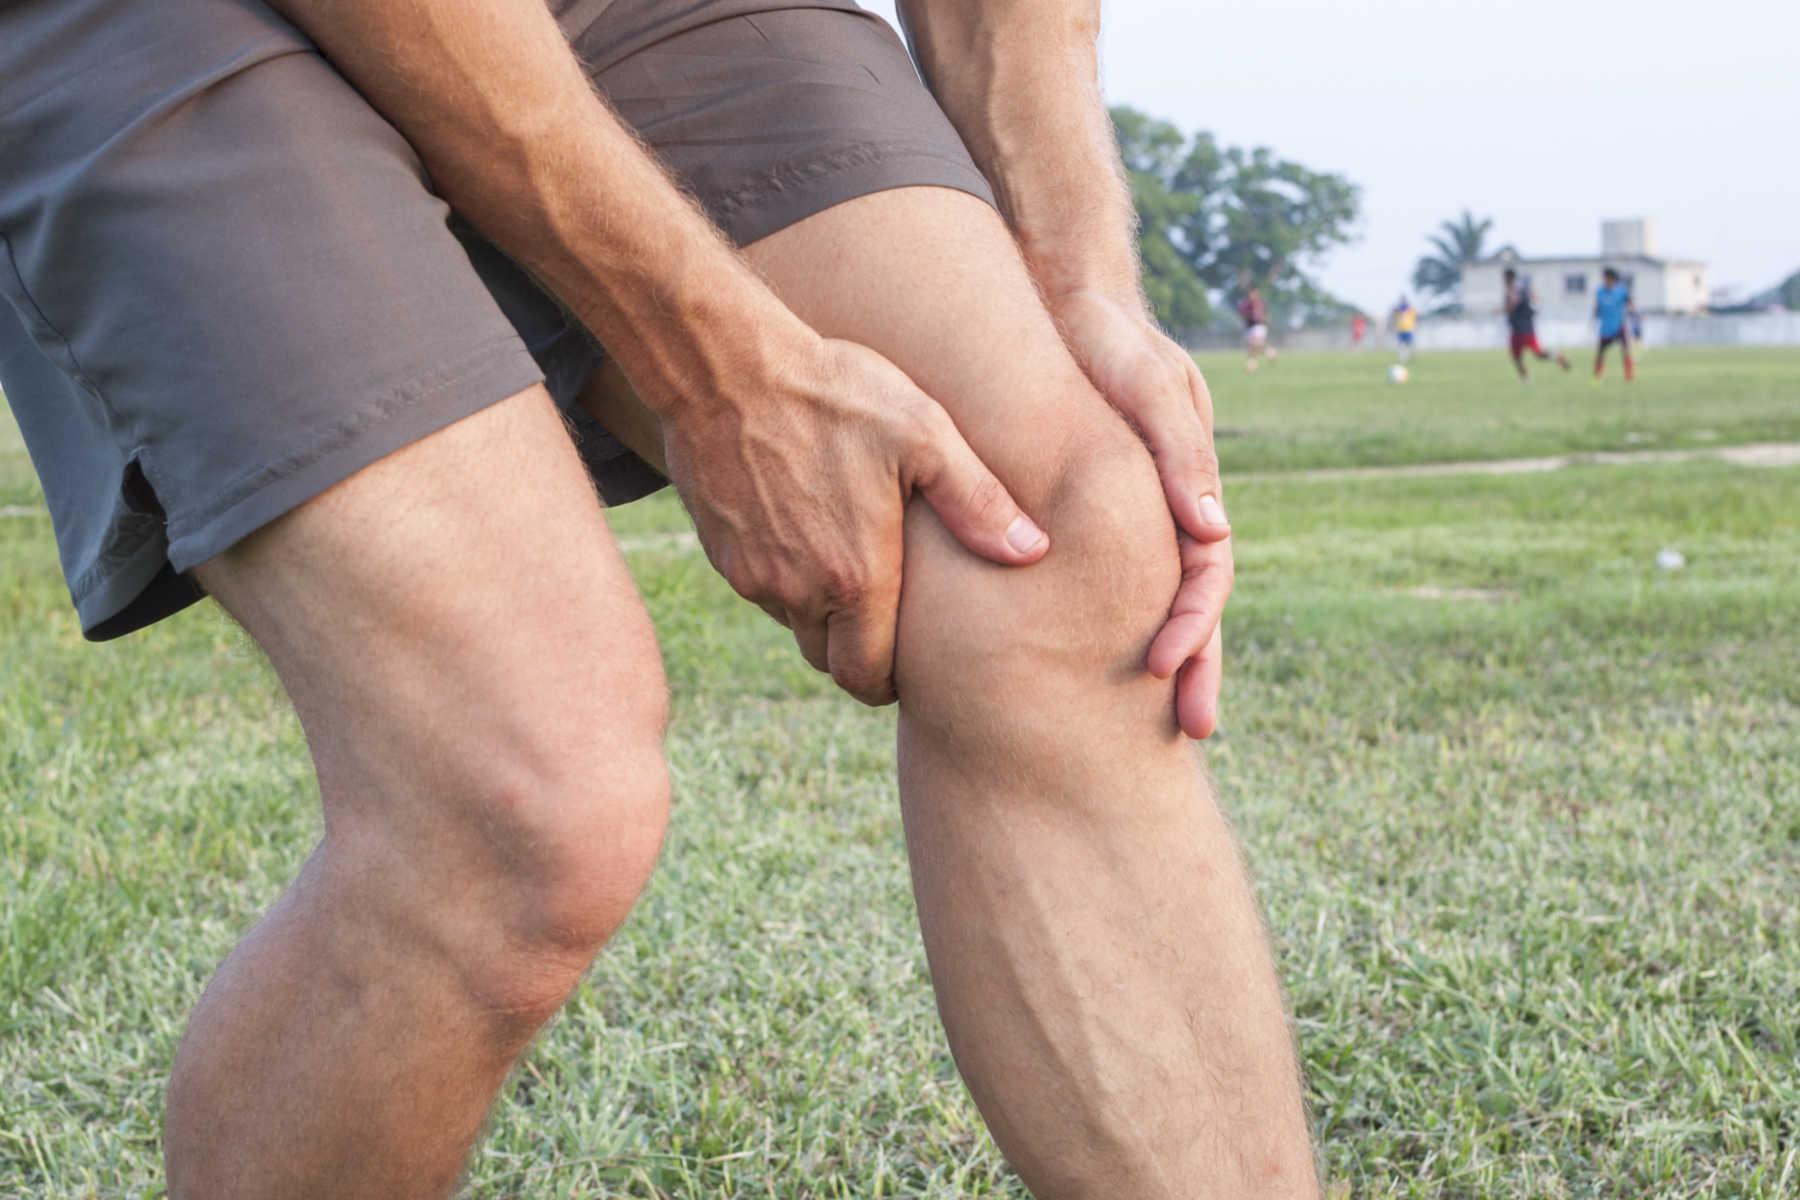 En skade som ofte rammer utøvere som hopper mye.